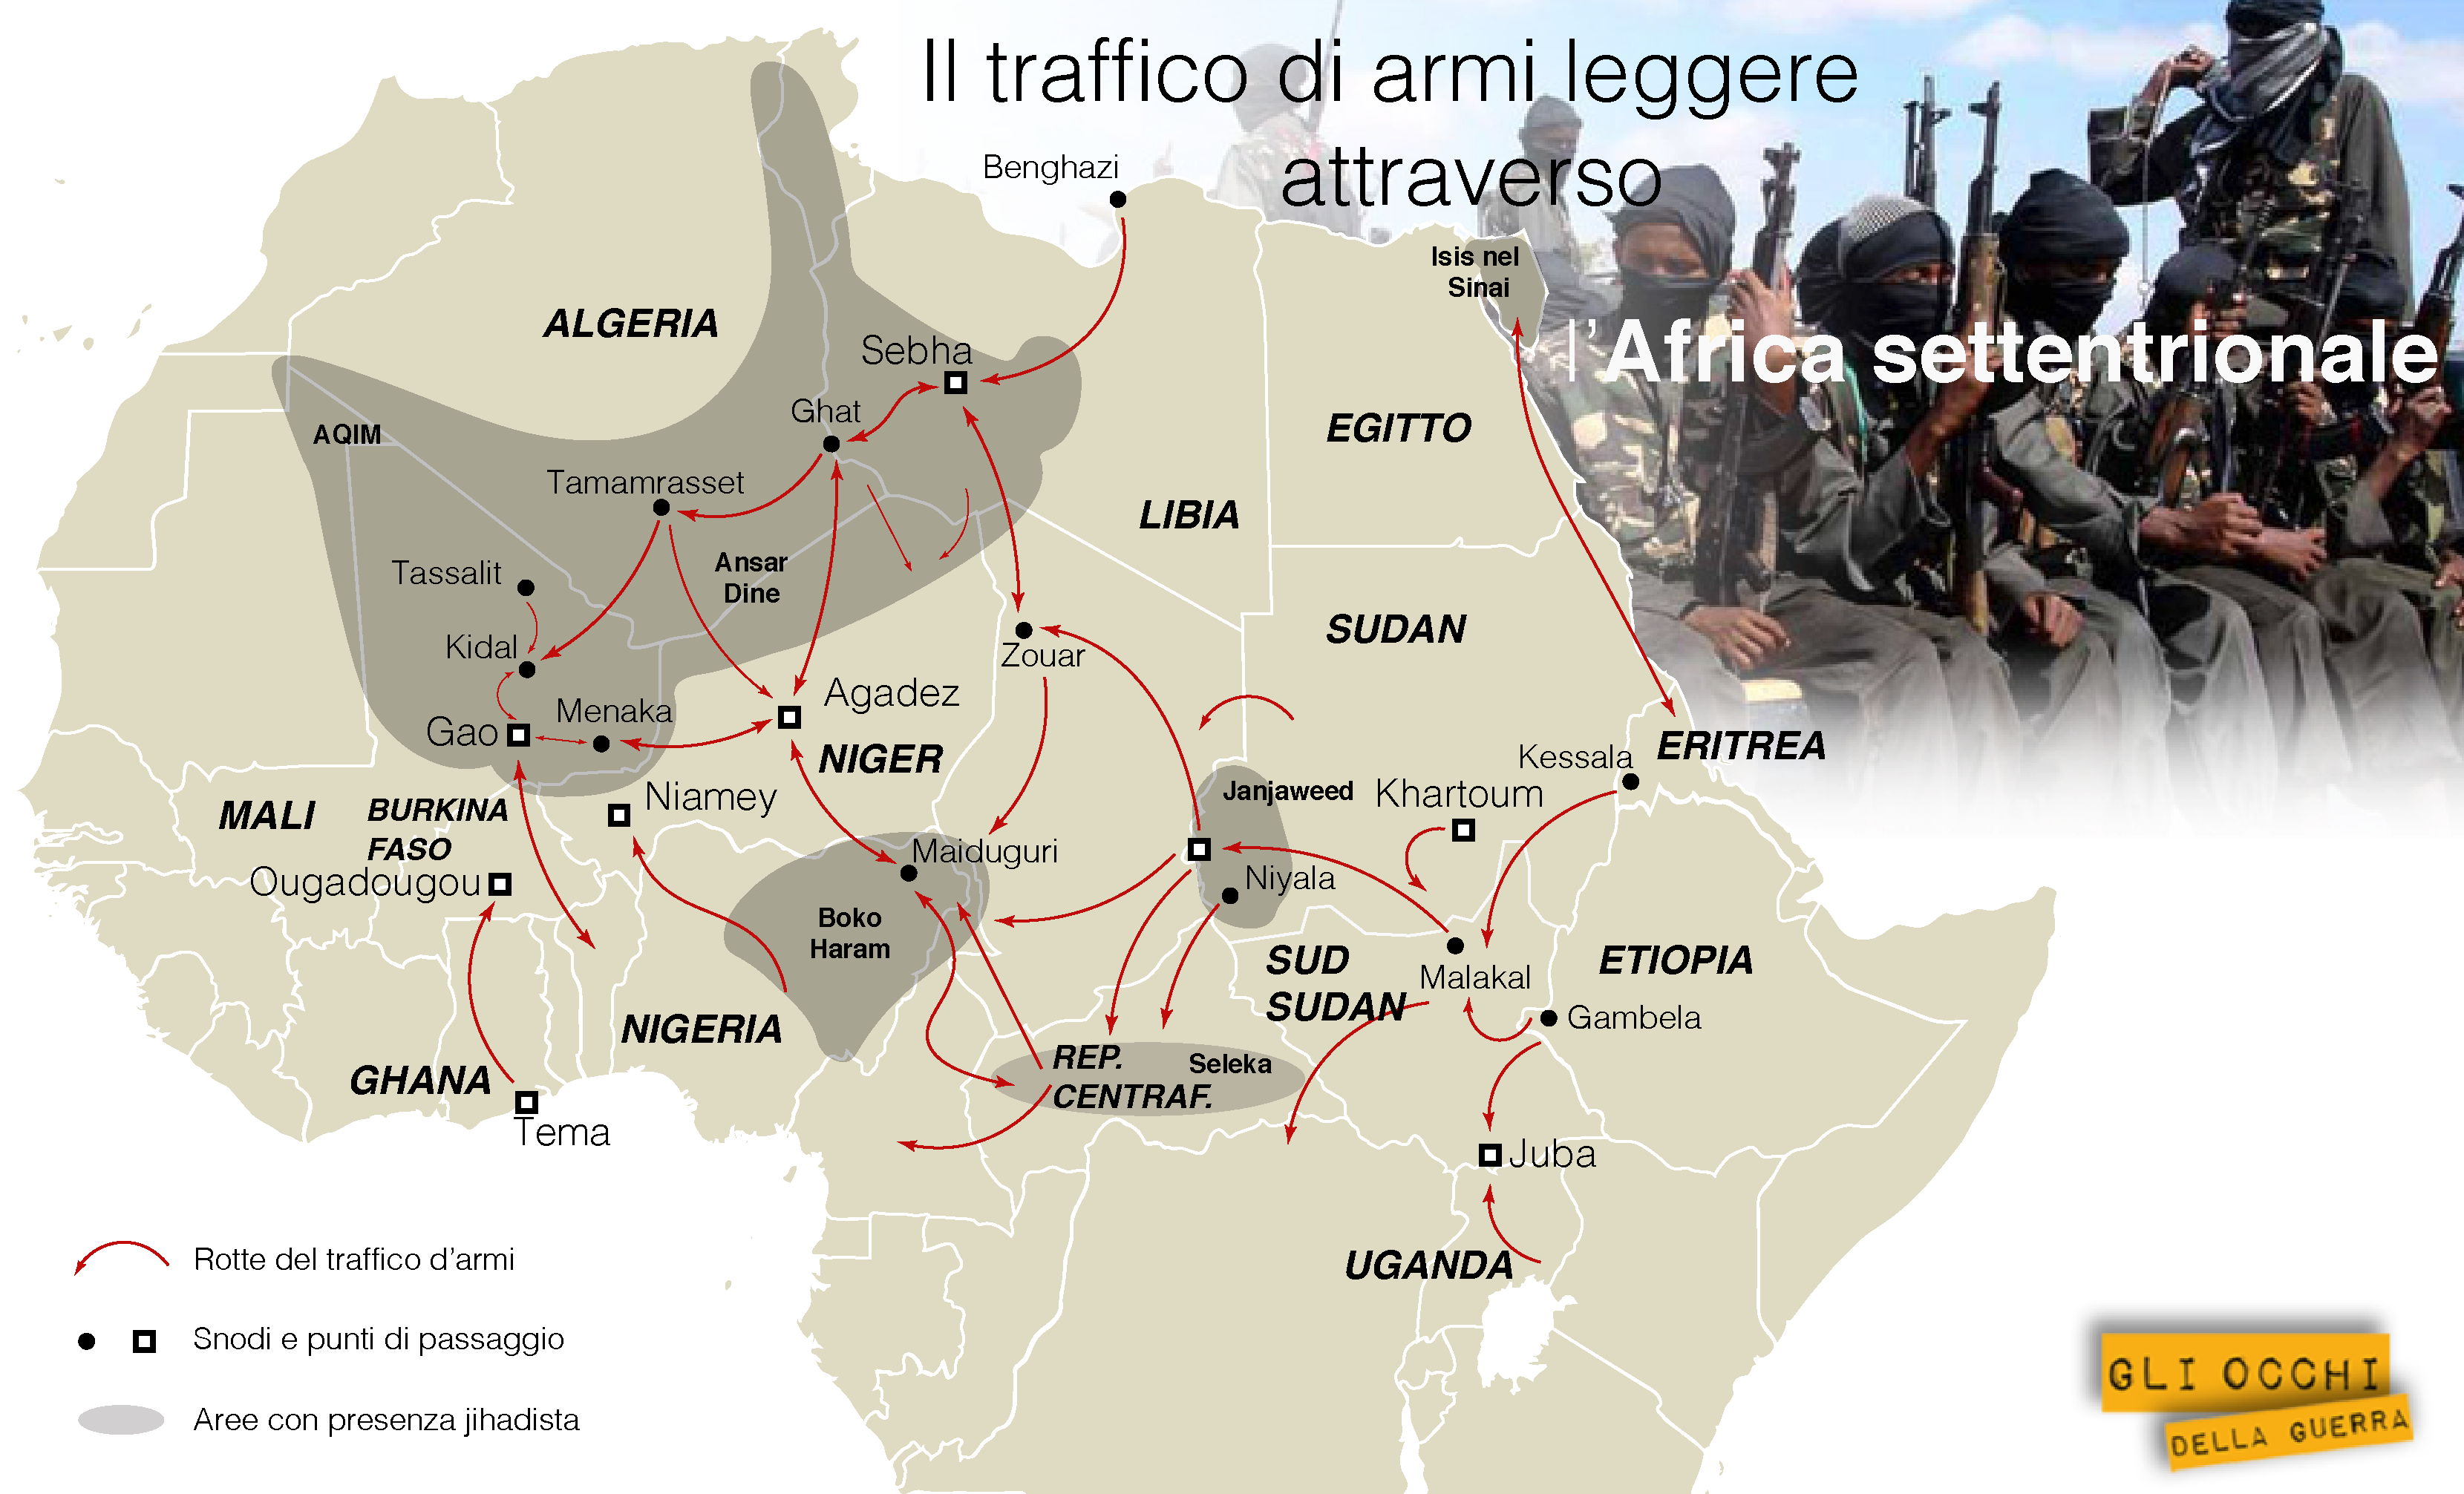 traffico di armi africa